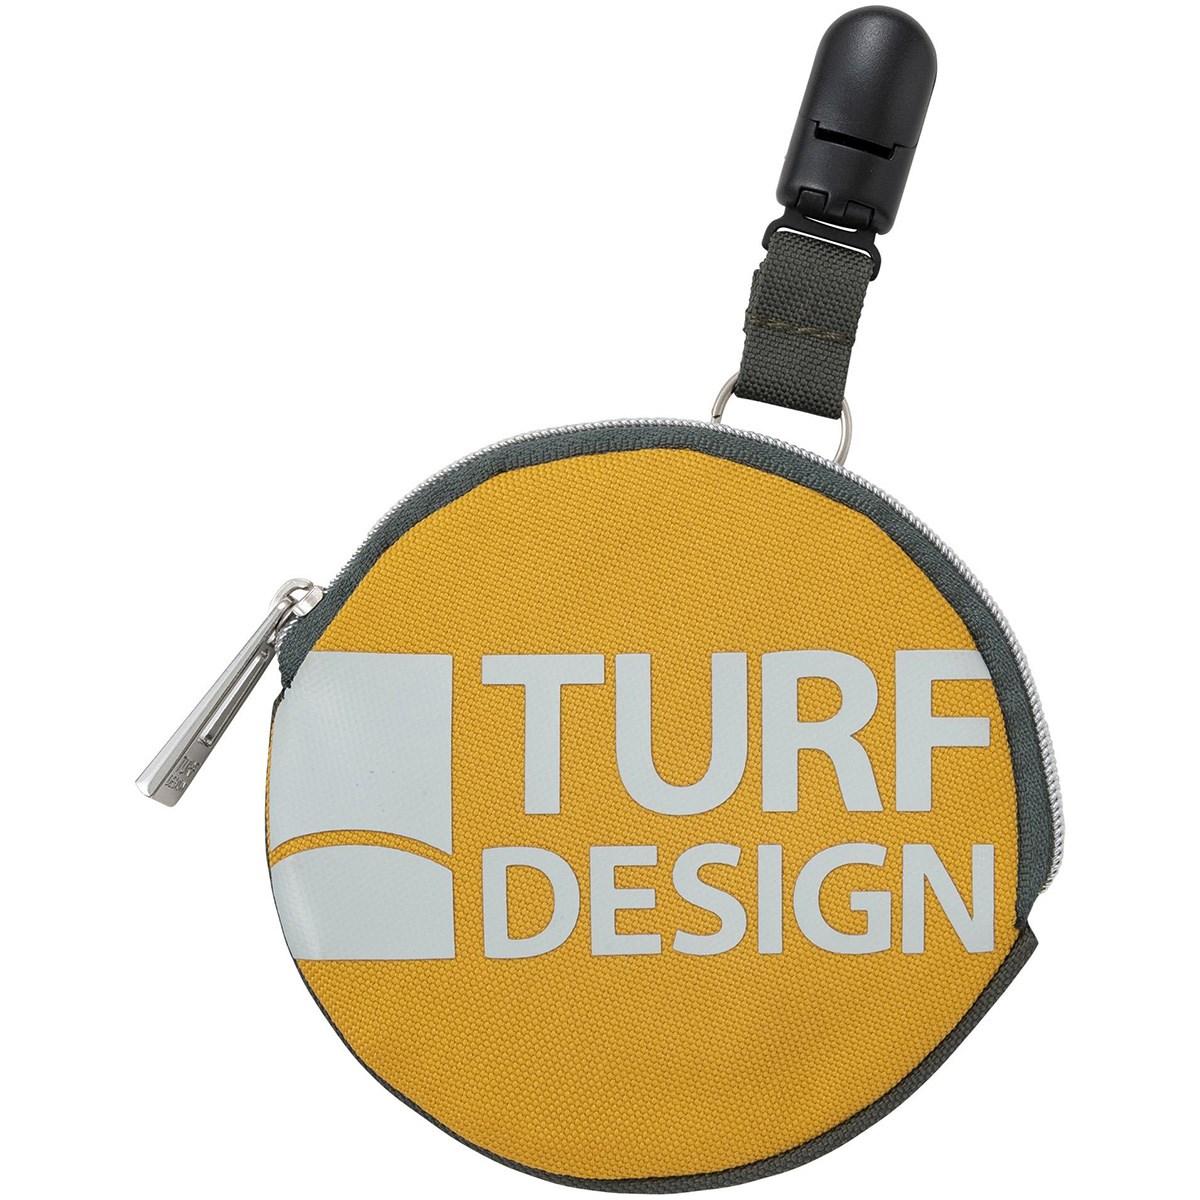 ターフデザイン TURF DESIGN 2WAY パターキャッチャー機能付き ボールクリーナー イエロー